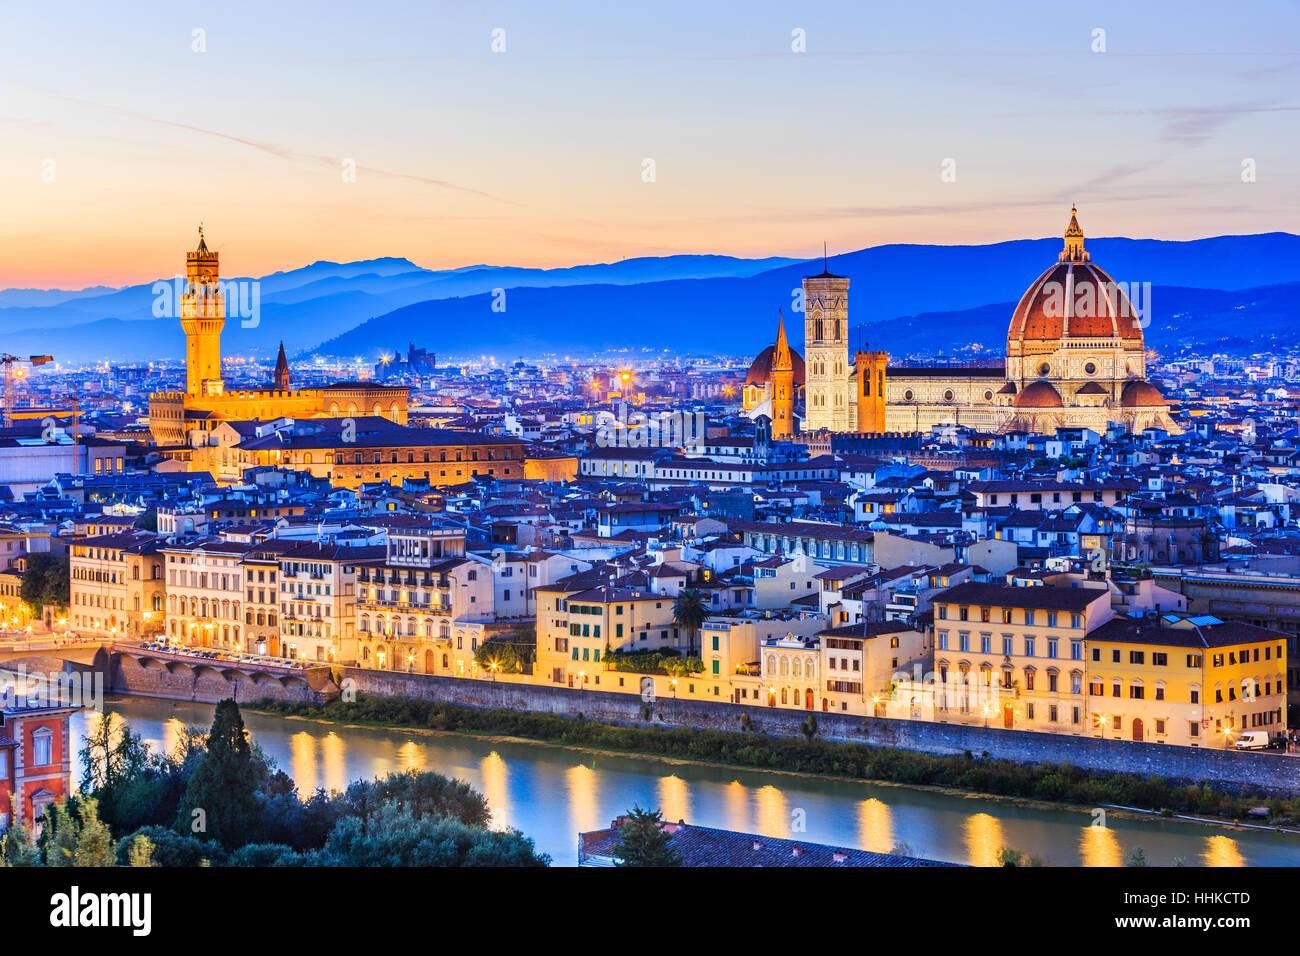 Florencia, Italia. Vista de Florencia después del atardecer desde Piazzale Michelangelo. Imagen De Stock